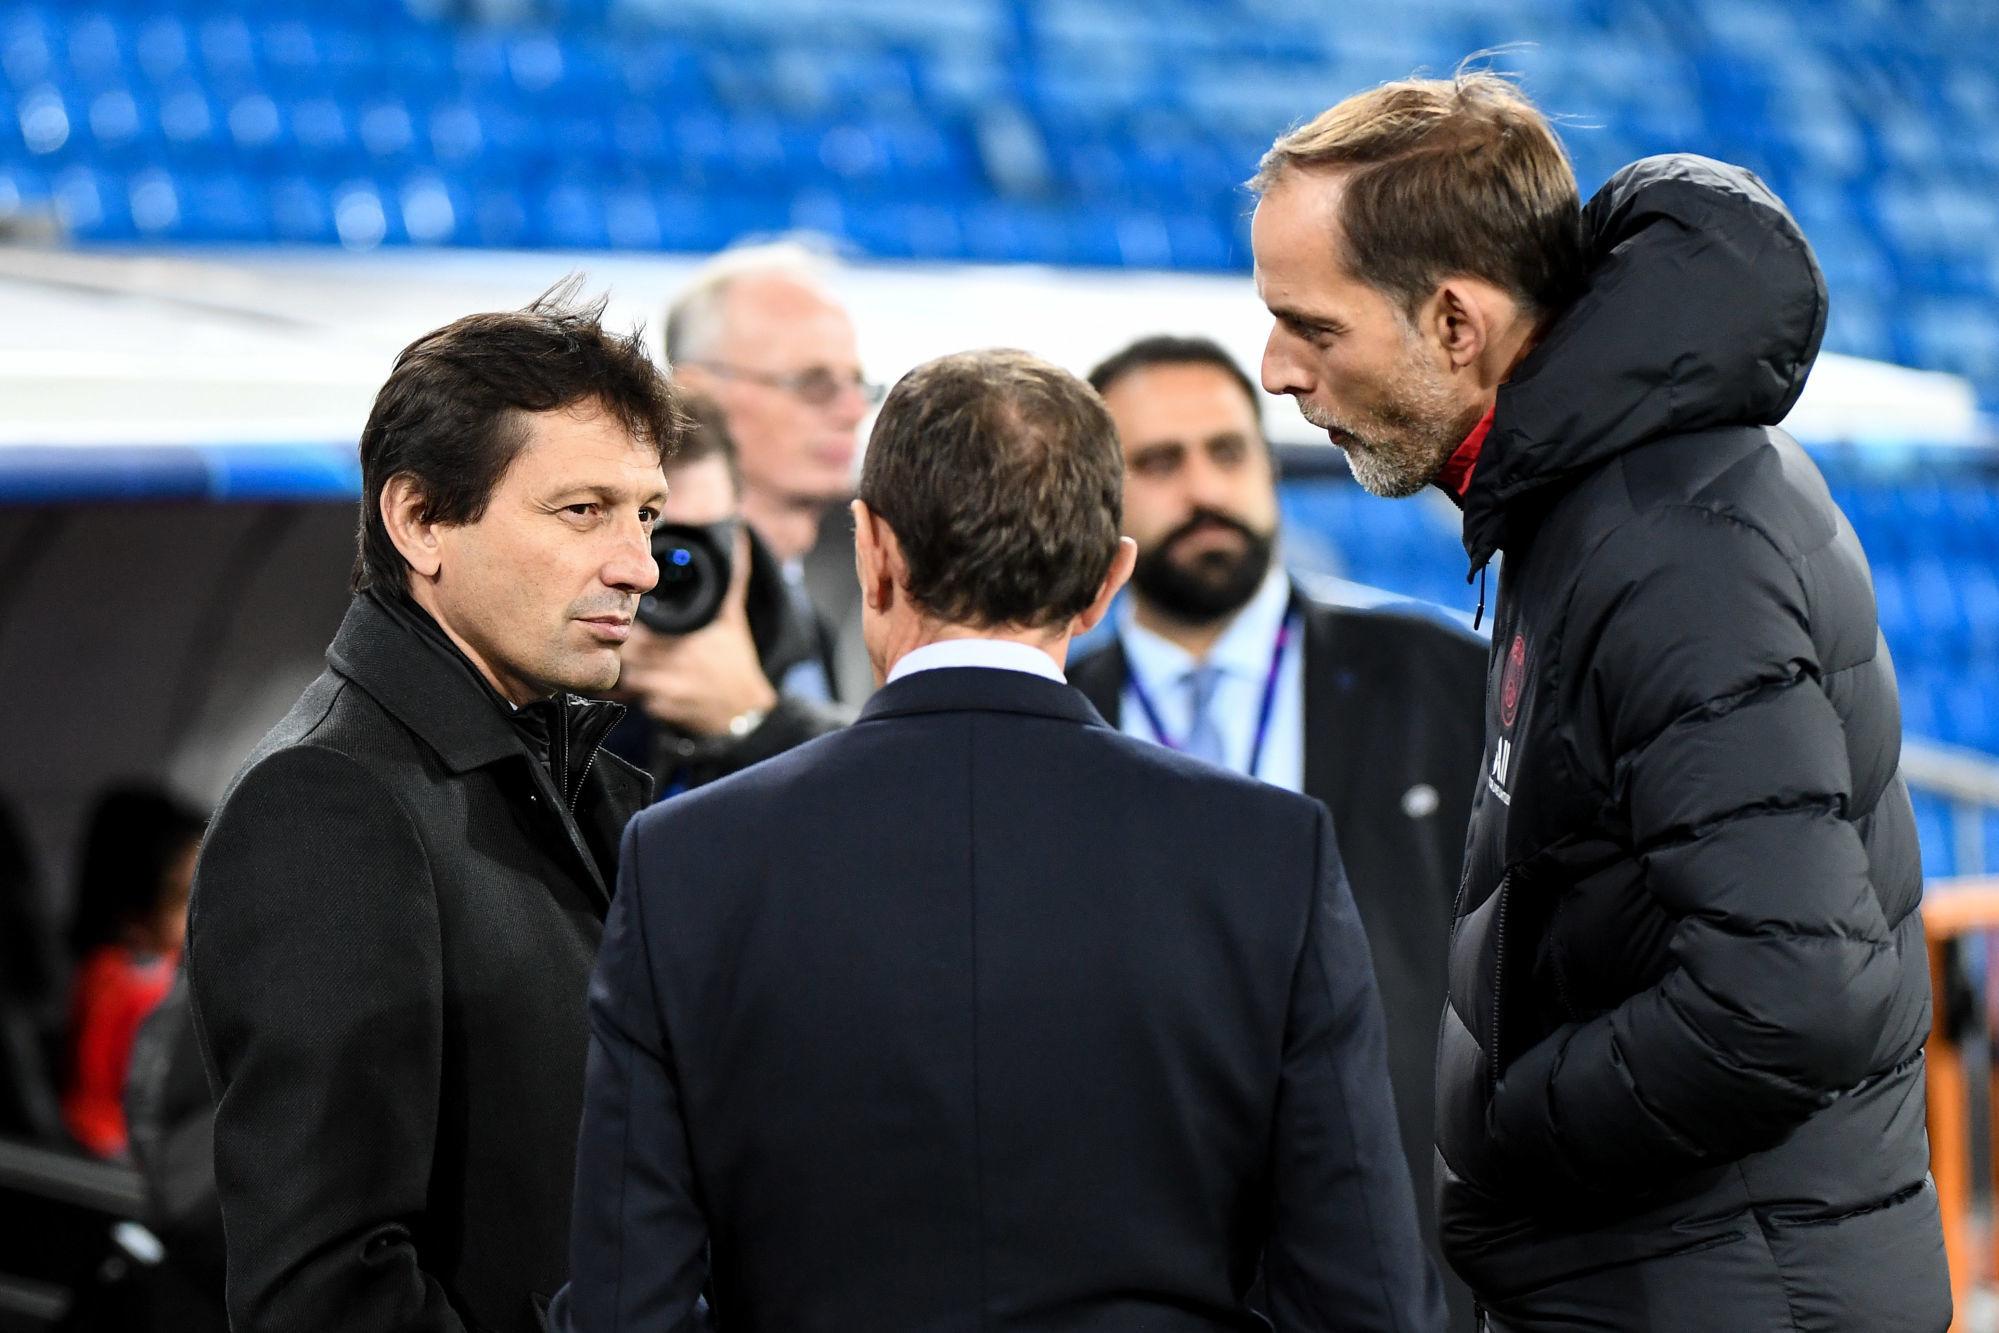 """Sévérac pense que c'était """"inévitable"""" pour Tuchel et reproche au PSG un """"projet individualiste"""""""